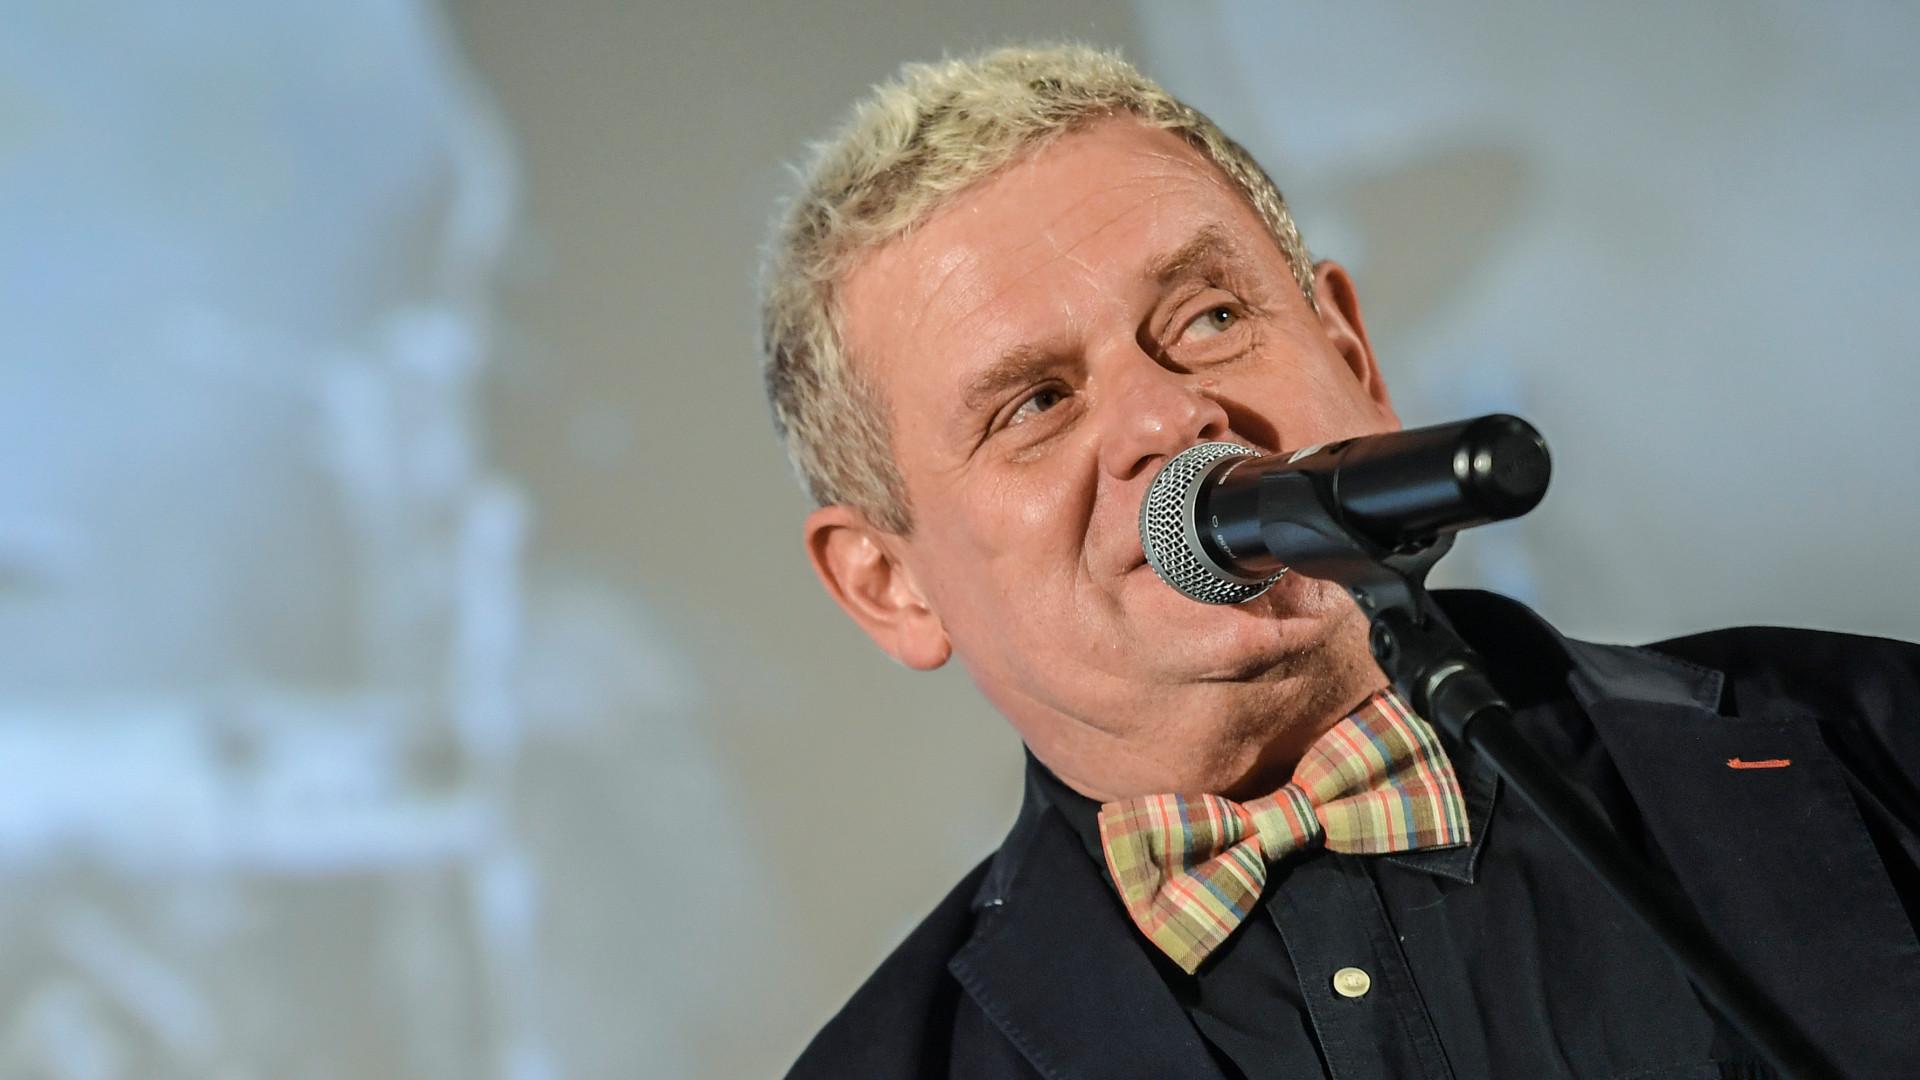 Kazik Staszewski przyznaje, że afera wokół jego piosenki to promocja warta MILIONY złotych